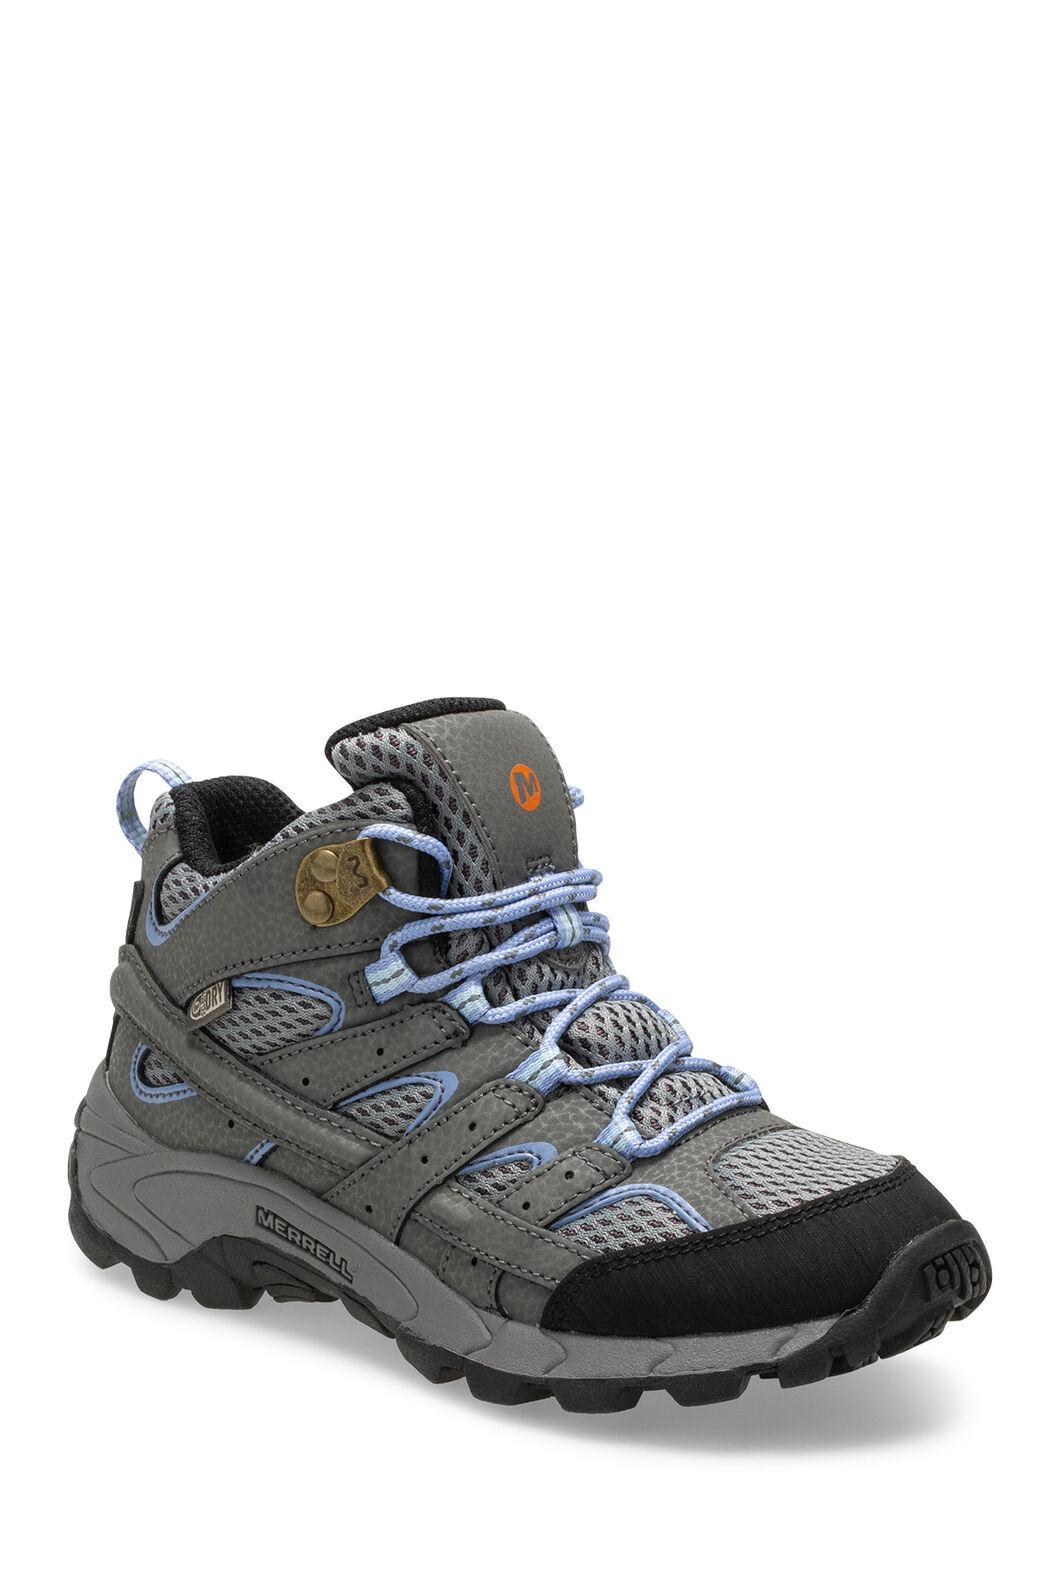 Merrell Moab 2 Waterproof Hiking Boots — Kids', Grey/Perwinkle, hi-res